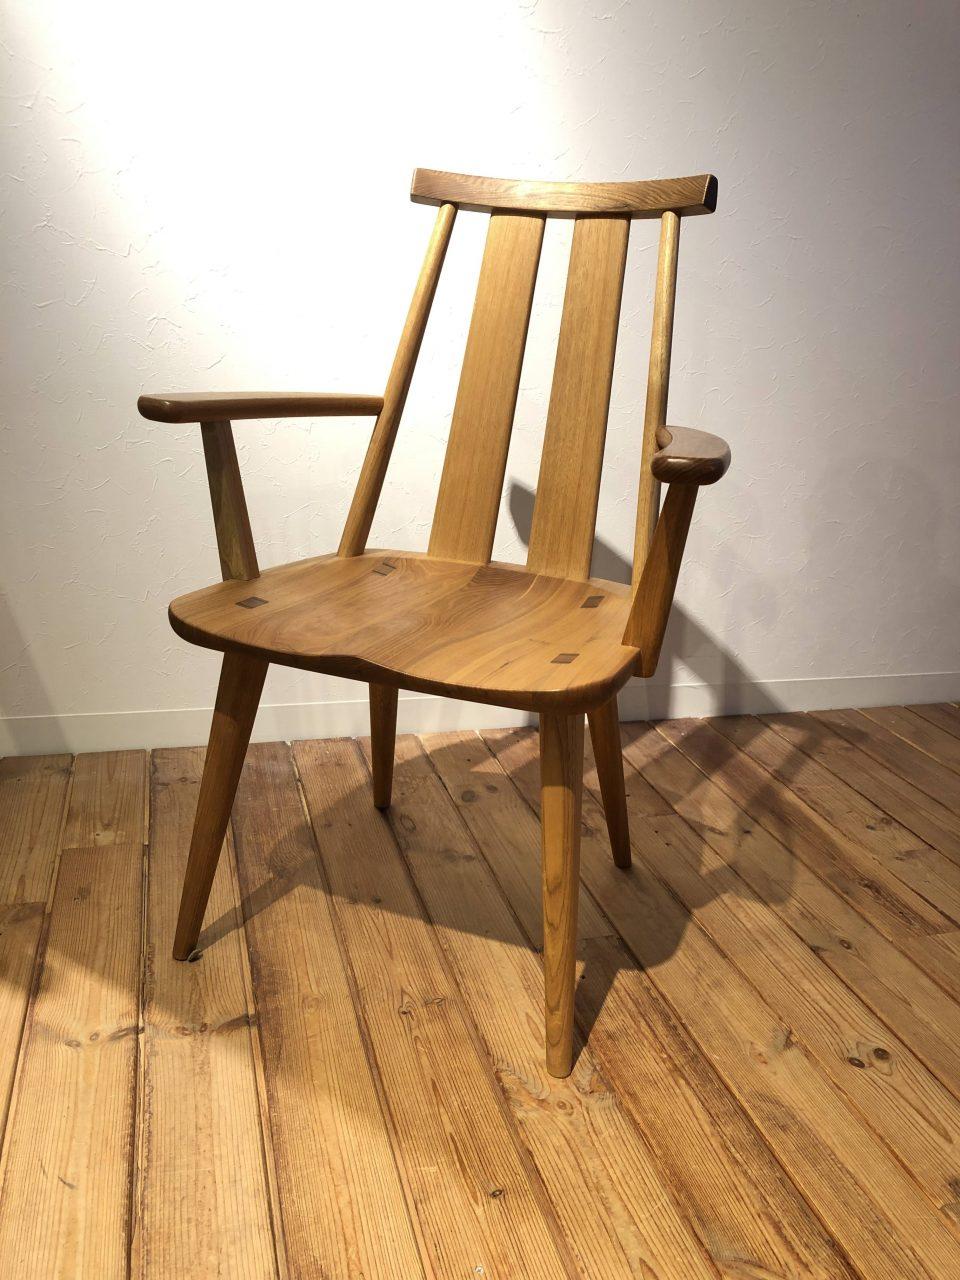 新潟市の家具店ボー・デコールで扱う肘有の椅子はゆったり寛げます